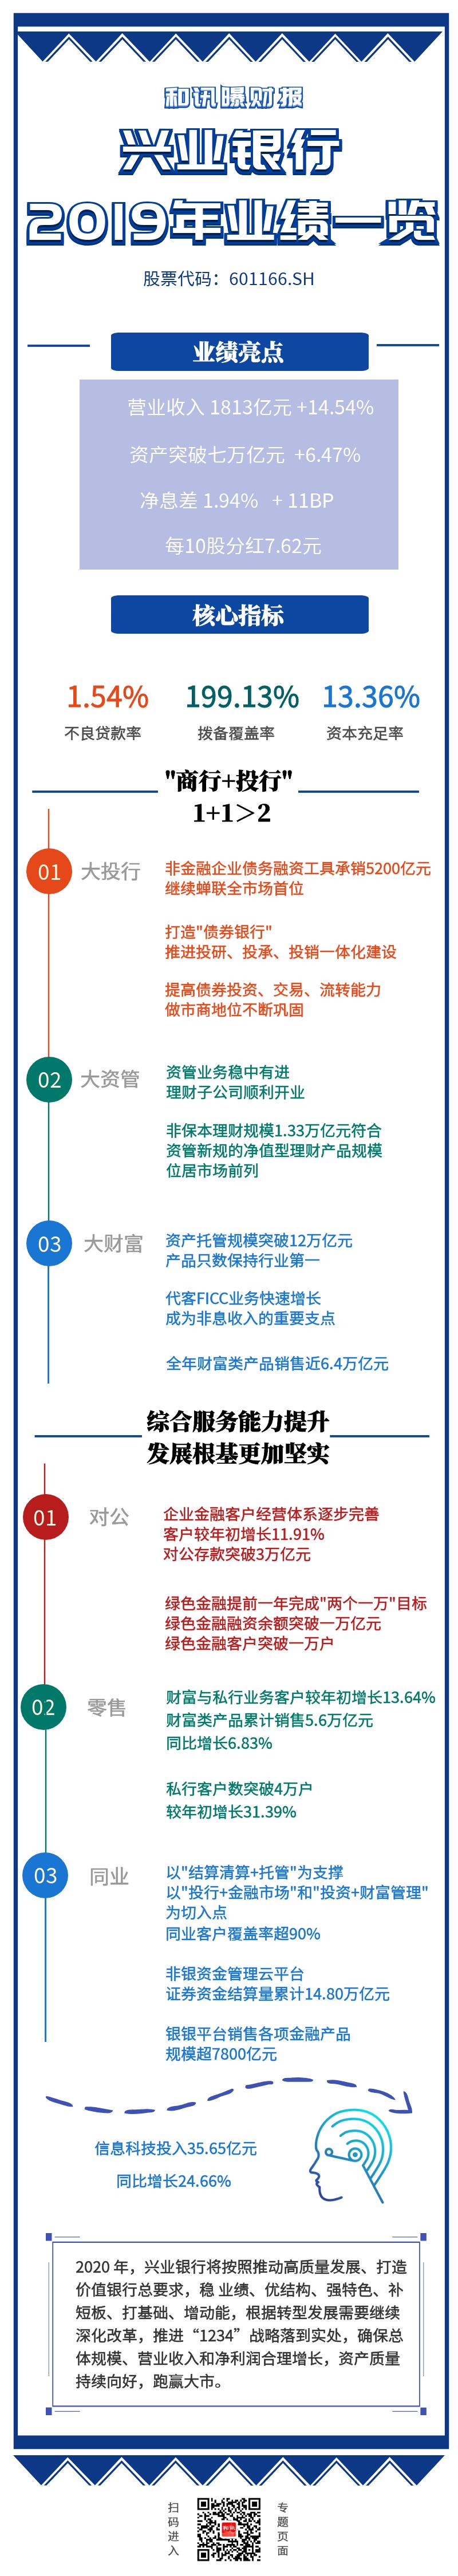 一图看懂兴业银行2019年年度报告